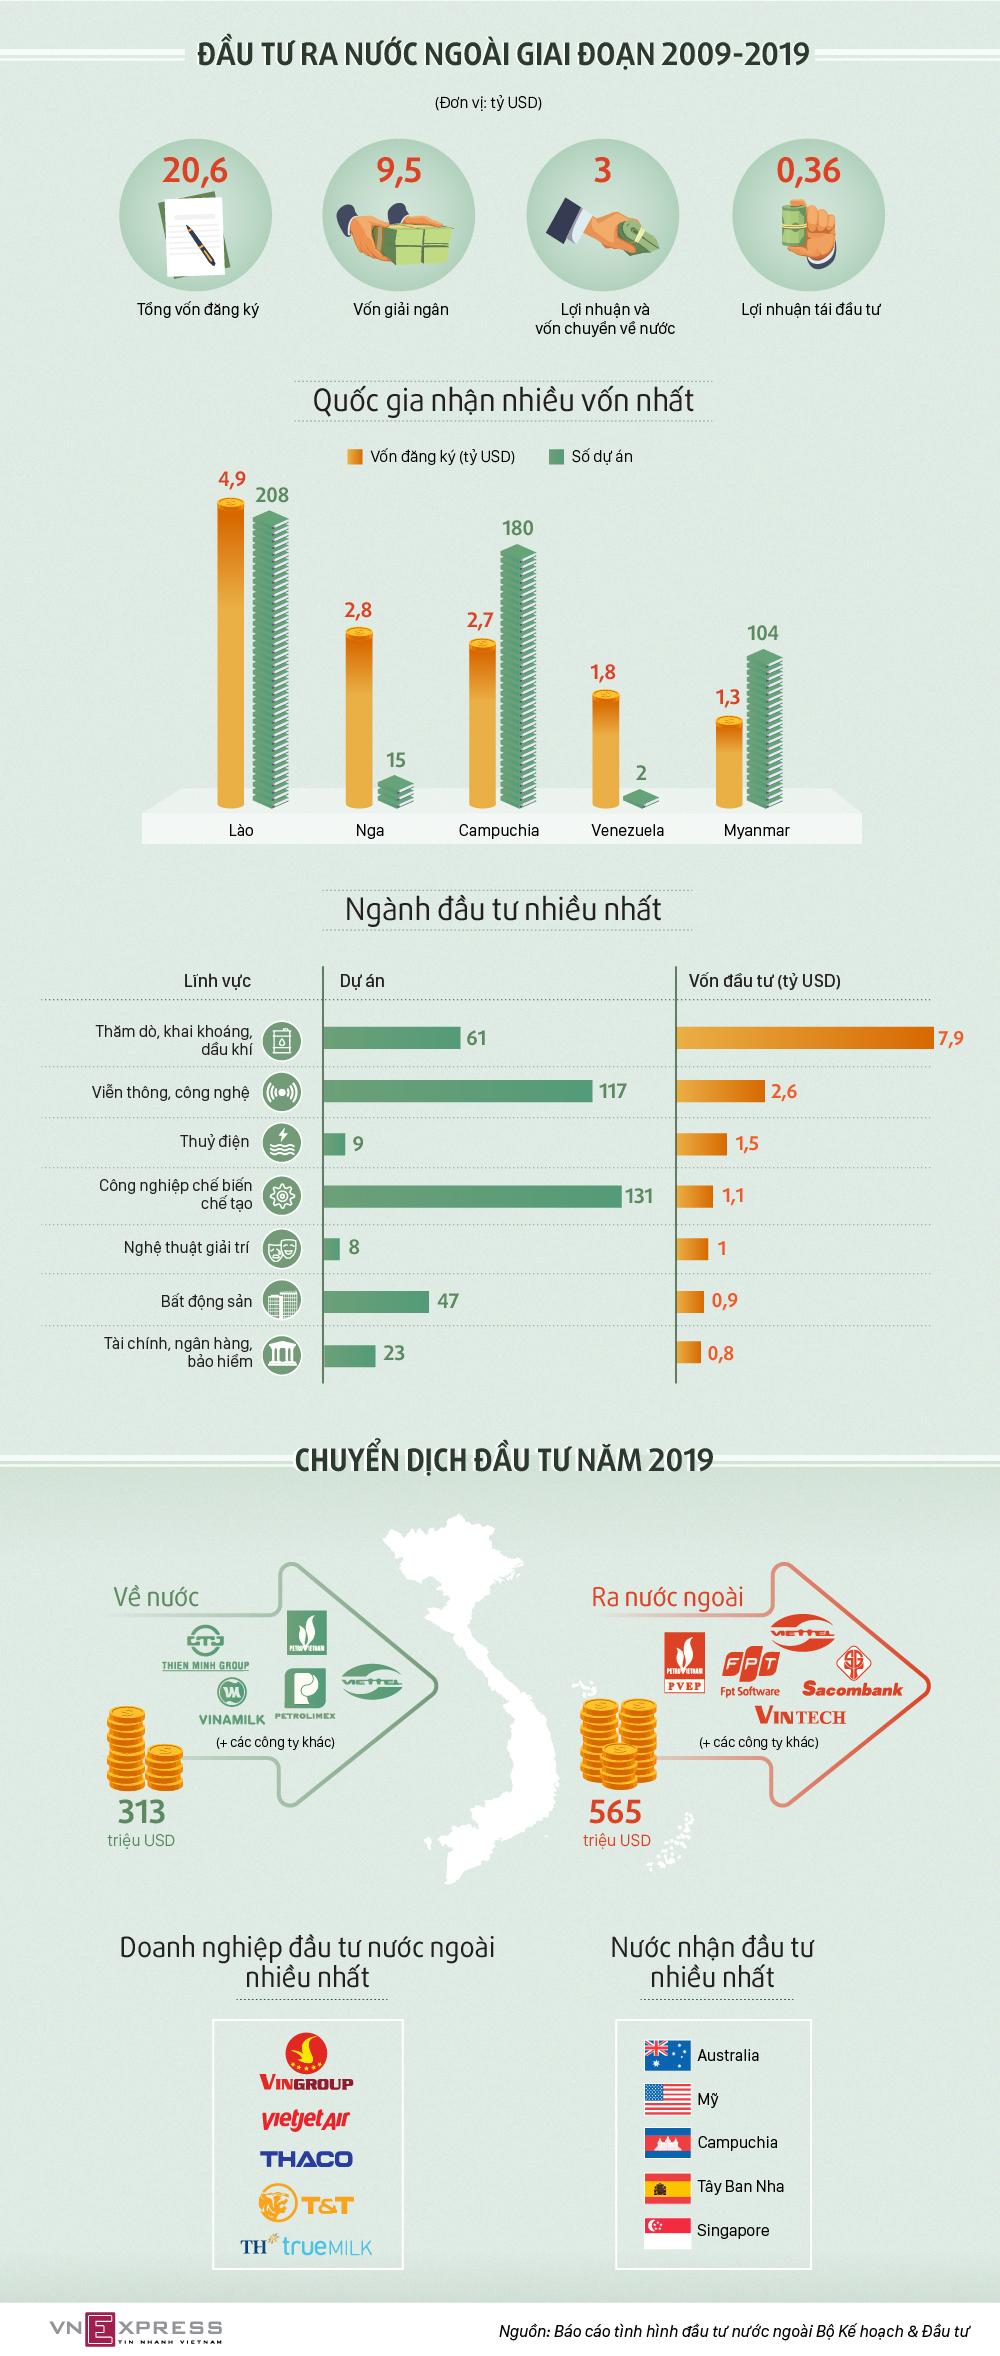 Doanh nghiệp Việt đầu tư ra nước ngoài thế nào